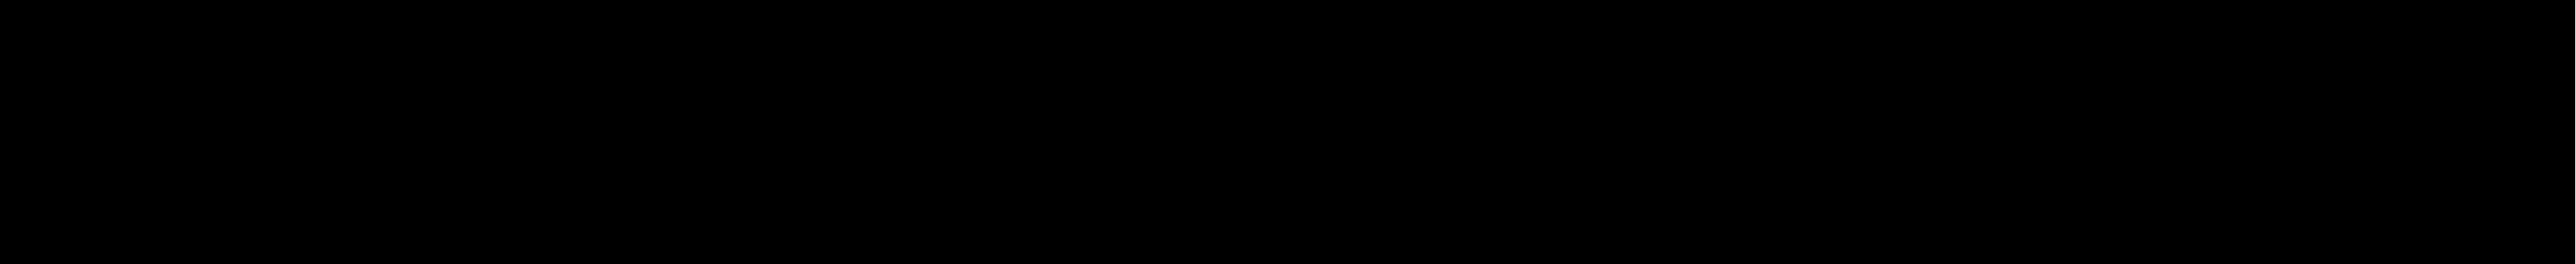 Sensaya